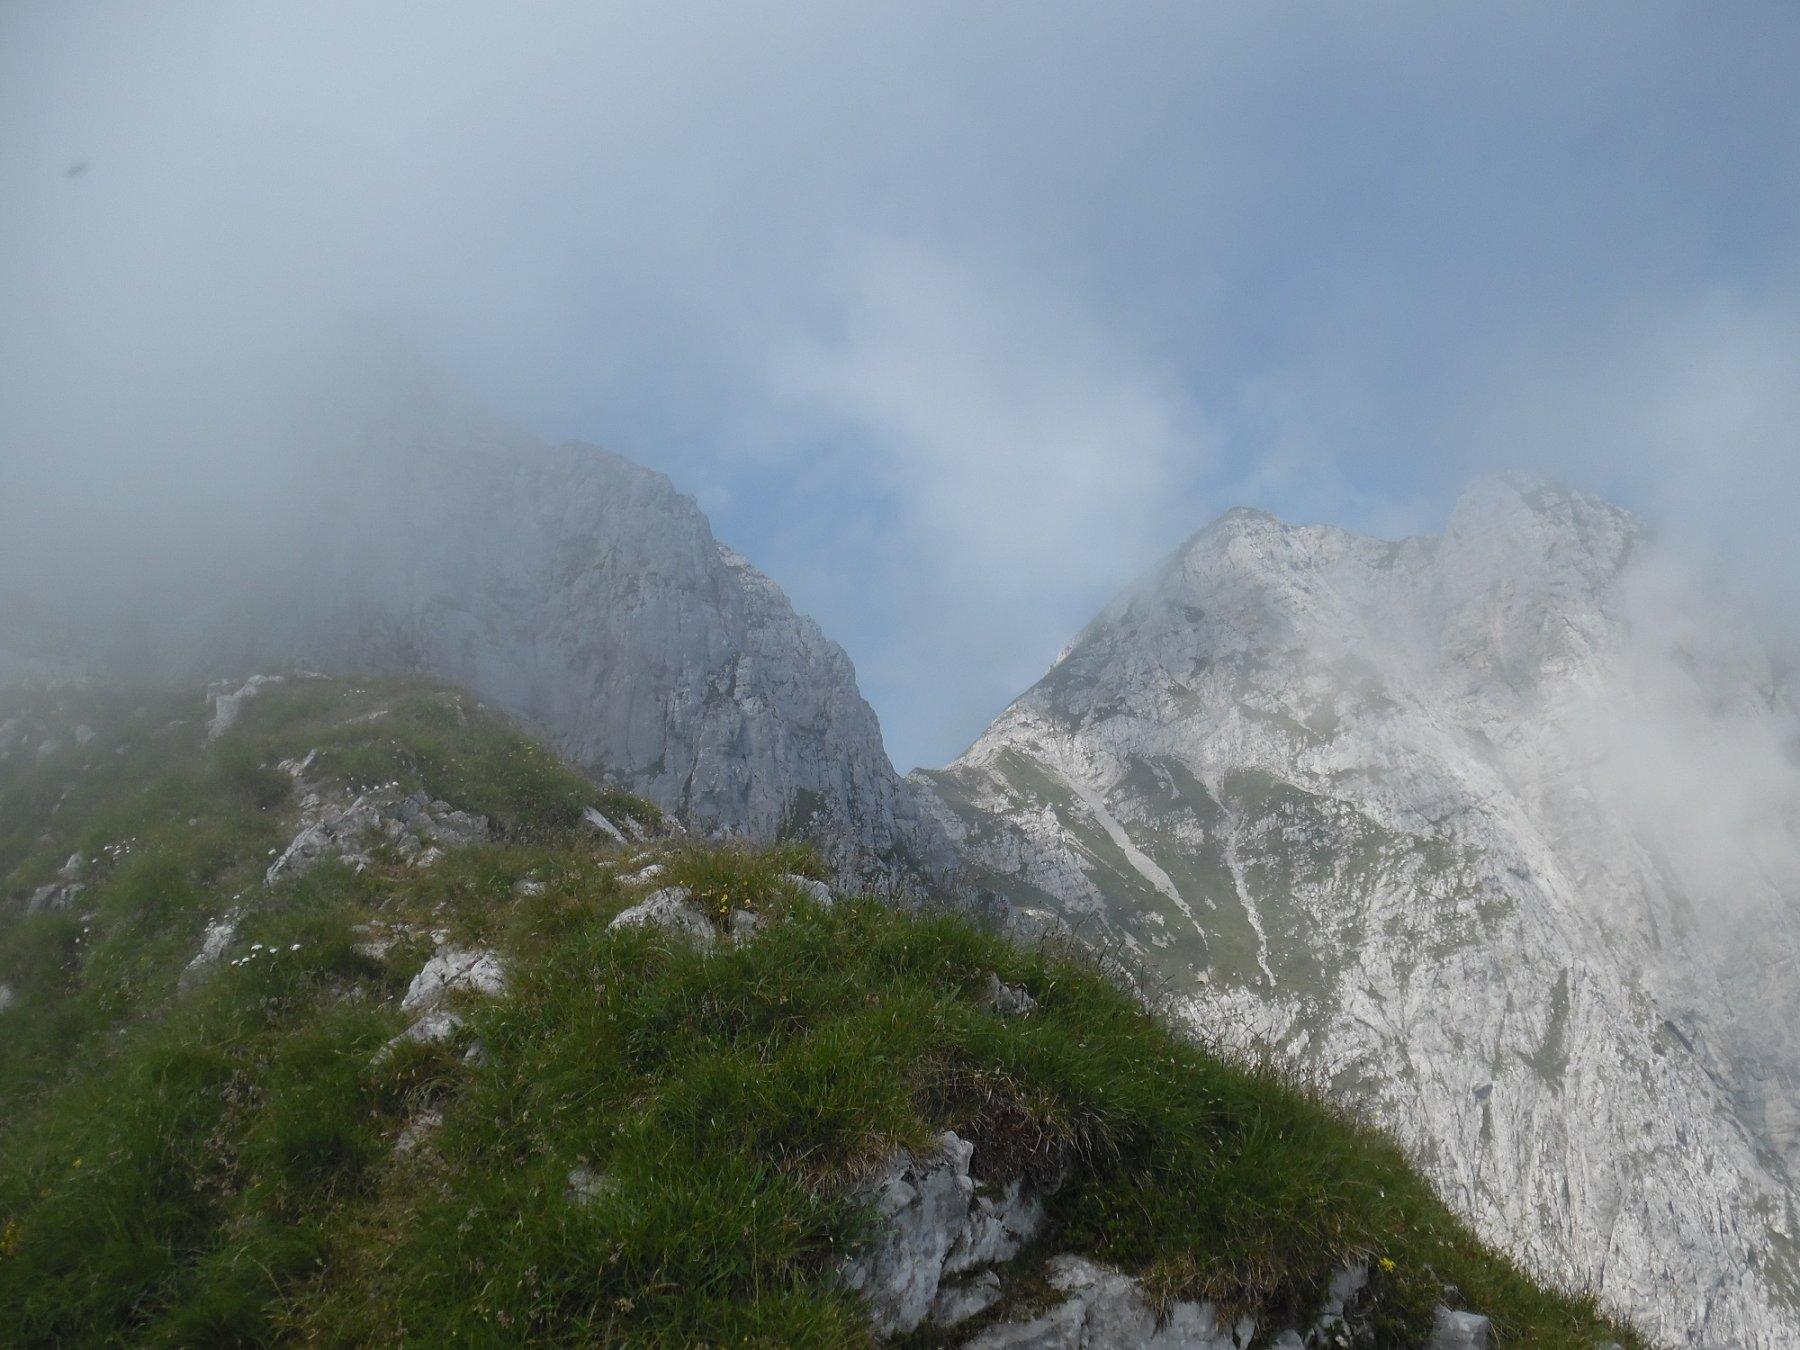 Croce di Monte Secco a sinistra e due cime di Monte Secco a destra